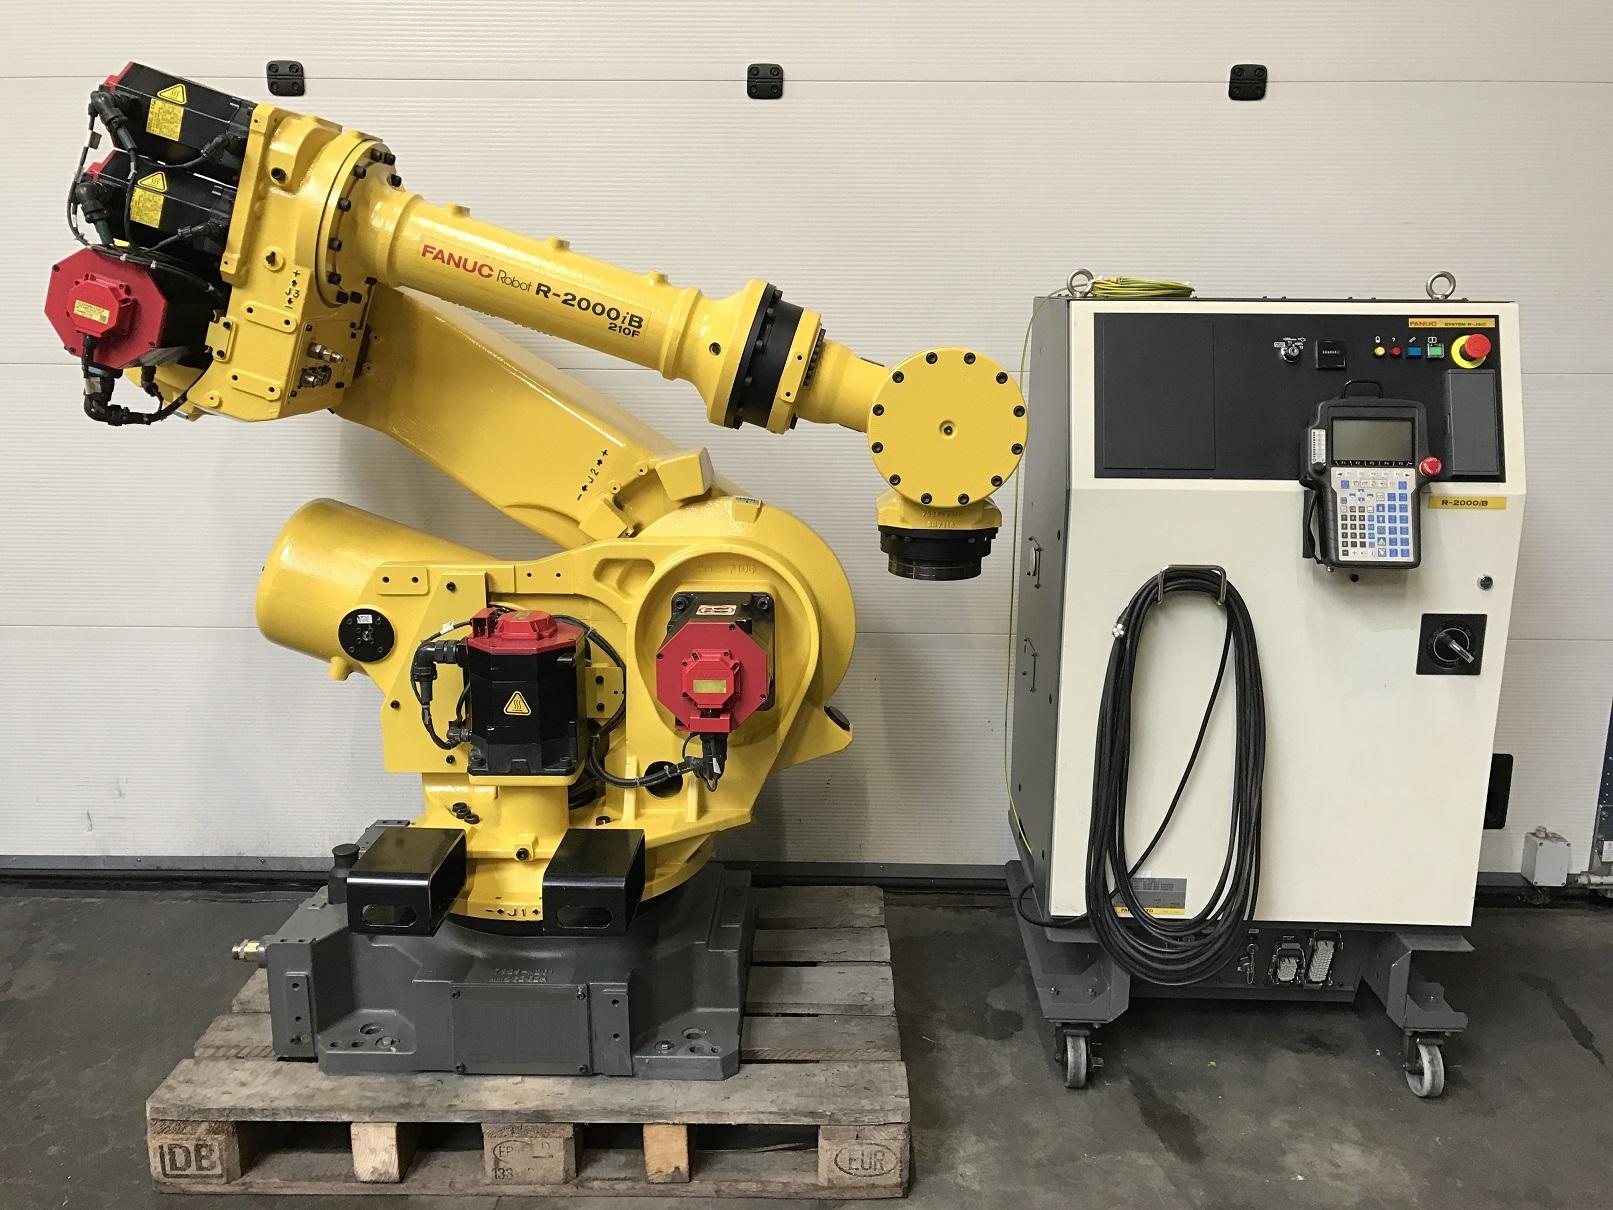 Fanuc robot